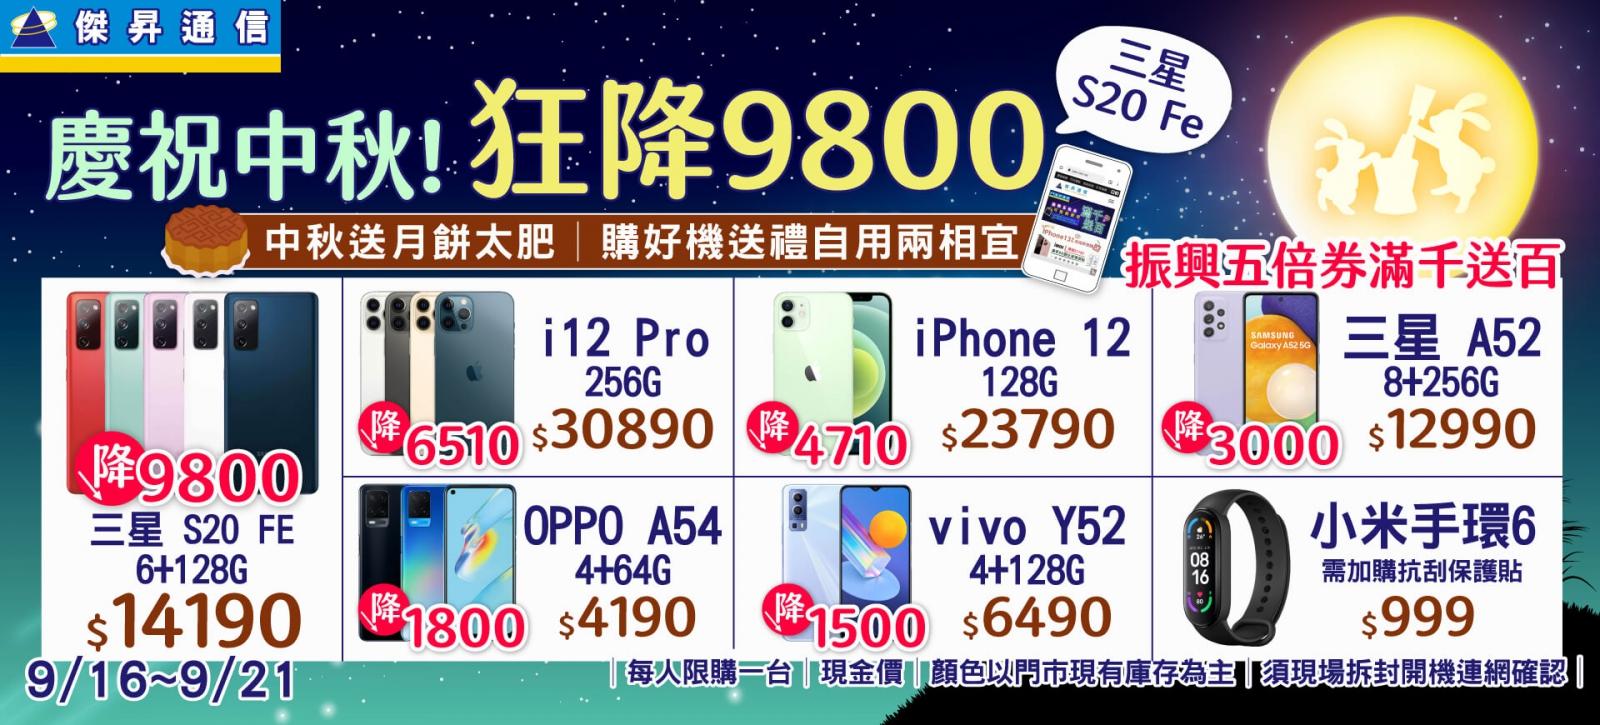 慶祝中秋三星S20 Fe狂降9800元!